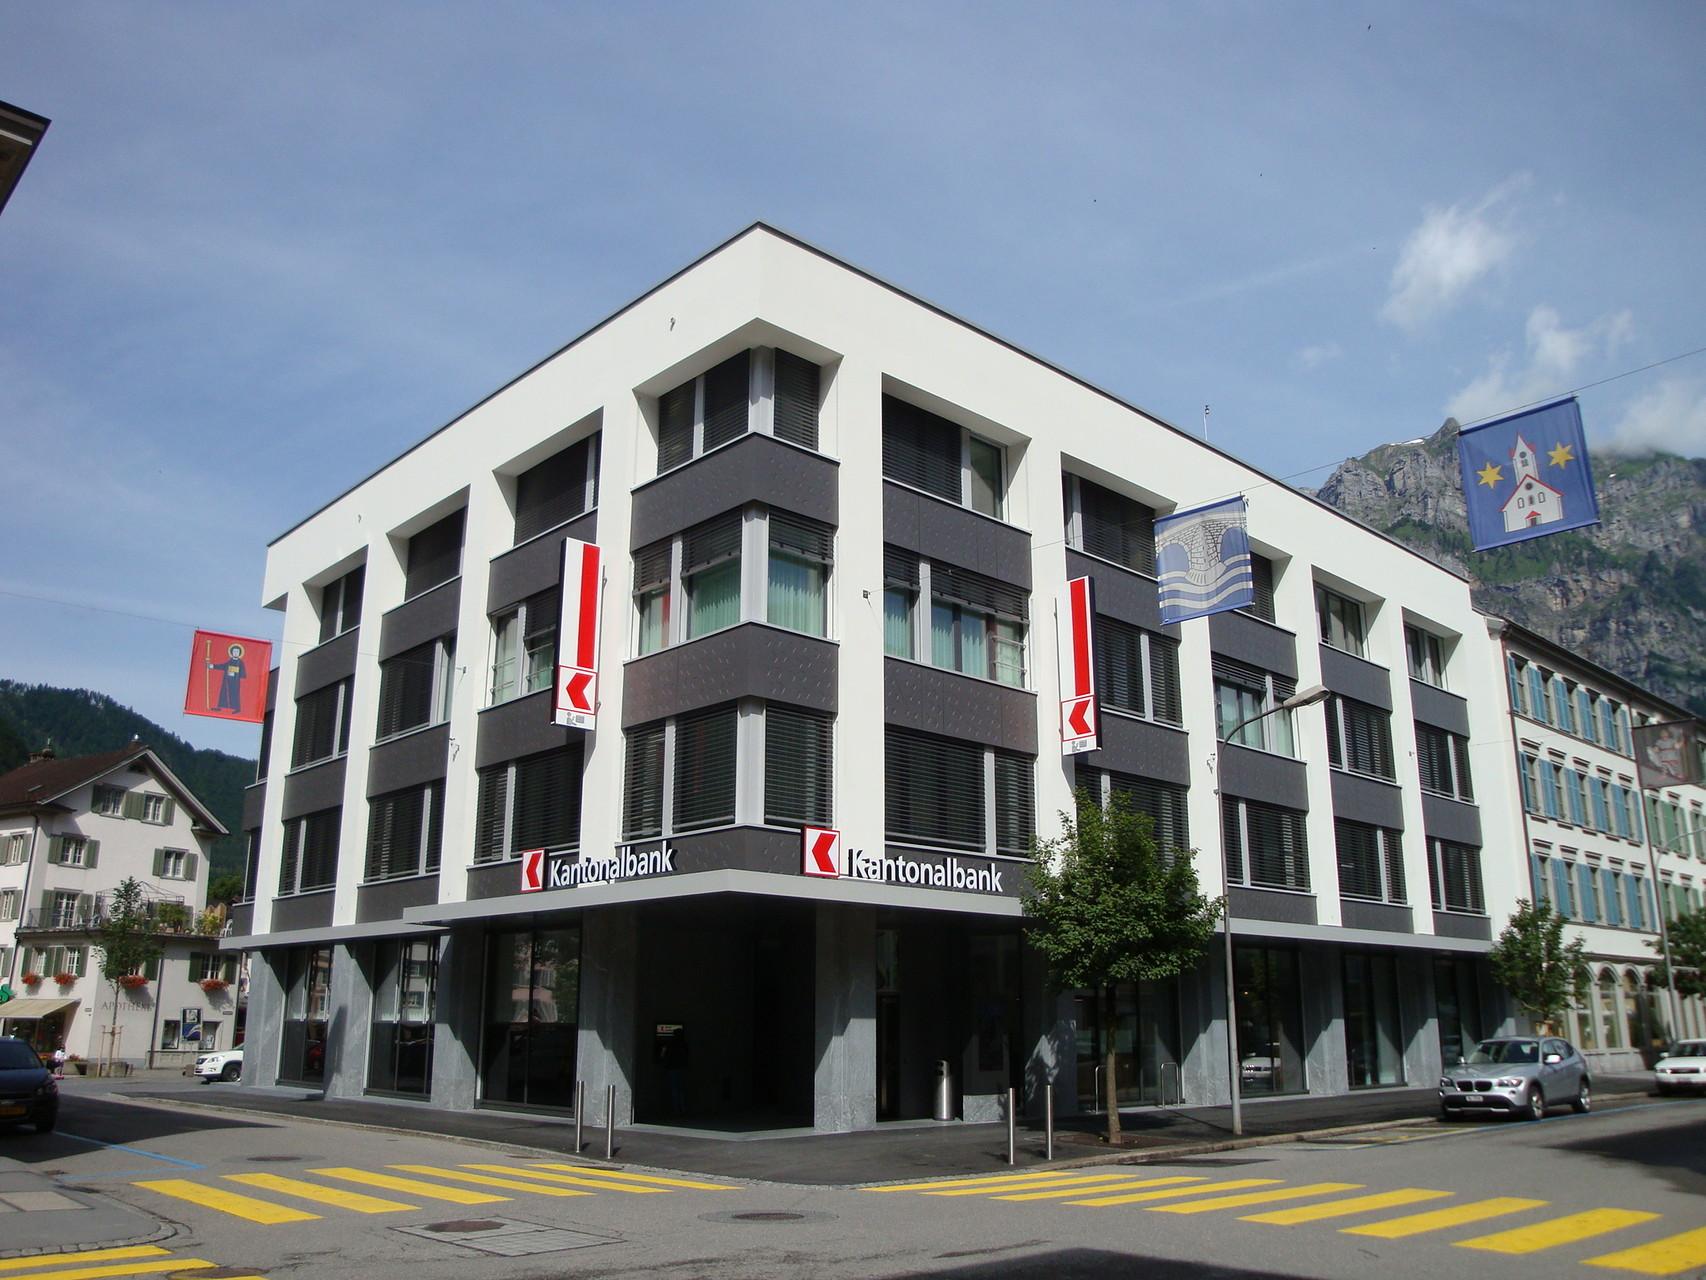 Fenster Glarner Kantonalbank, Glarus